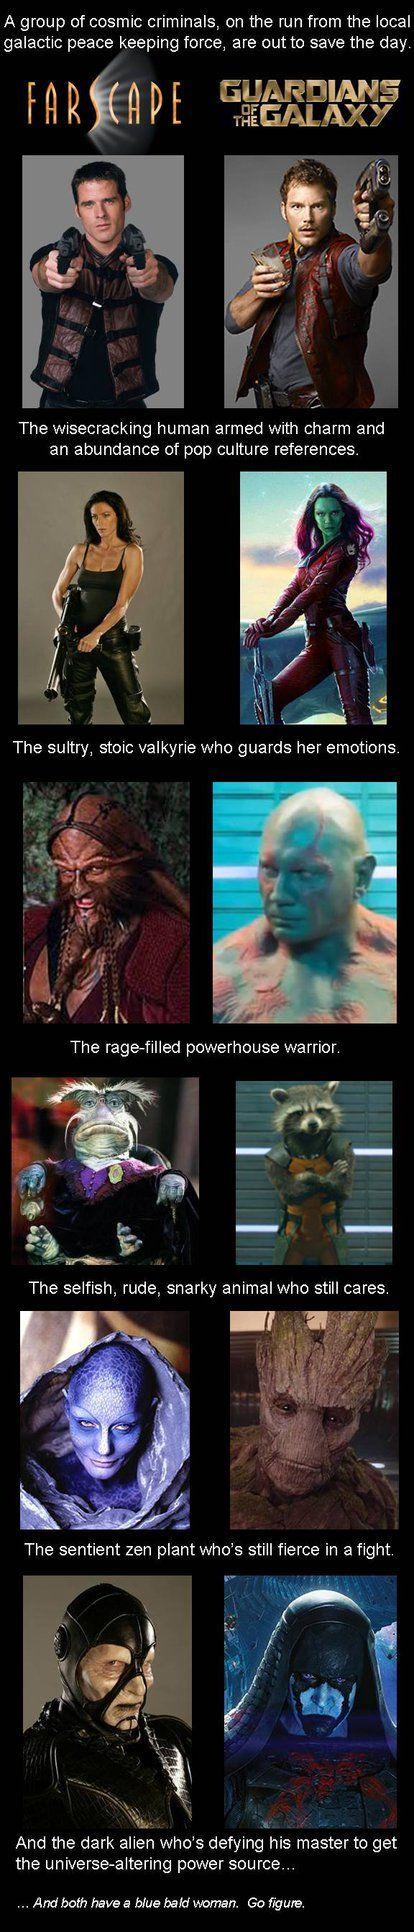 Farscape v Guardians of the Galaxy by Aradrath